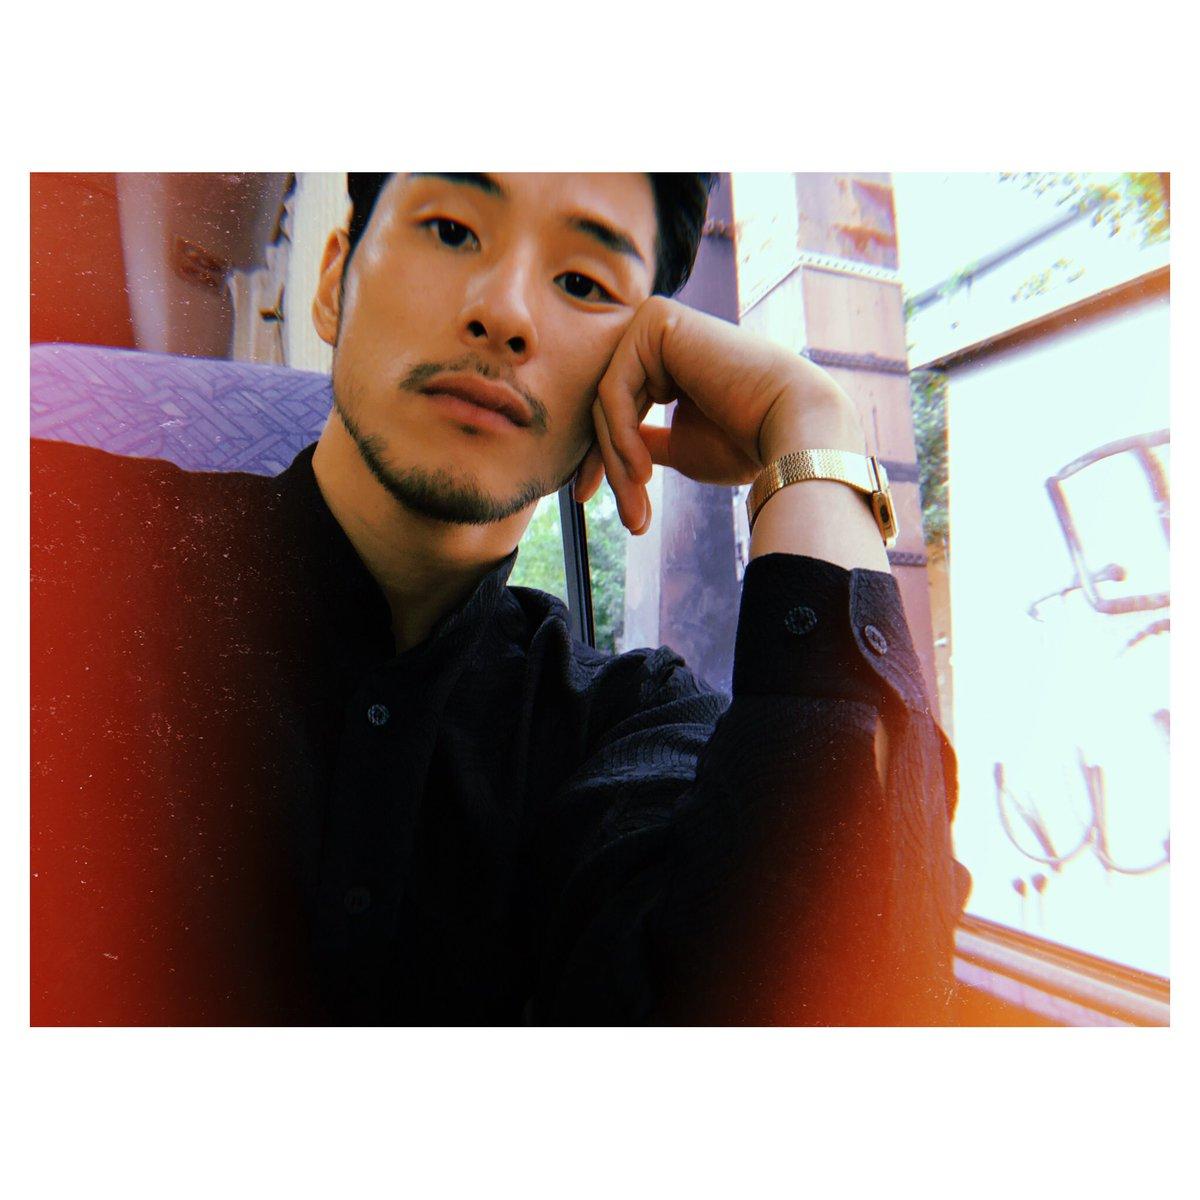 『新宿セブン』今夜7話放送です。ぼちぼち中国マフィア始動です!是非! #japanese #tv #series #shinjyuku #7 #新宿セブン